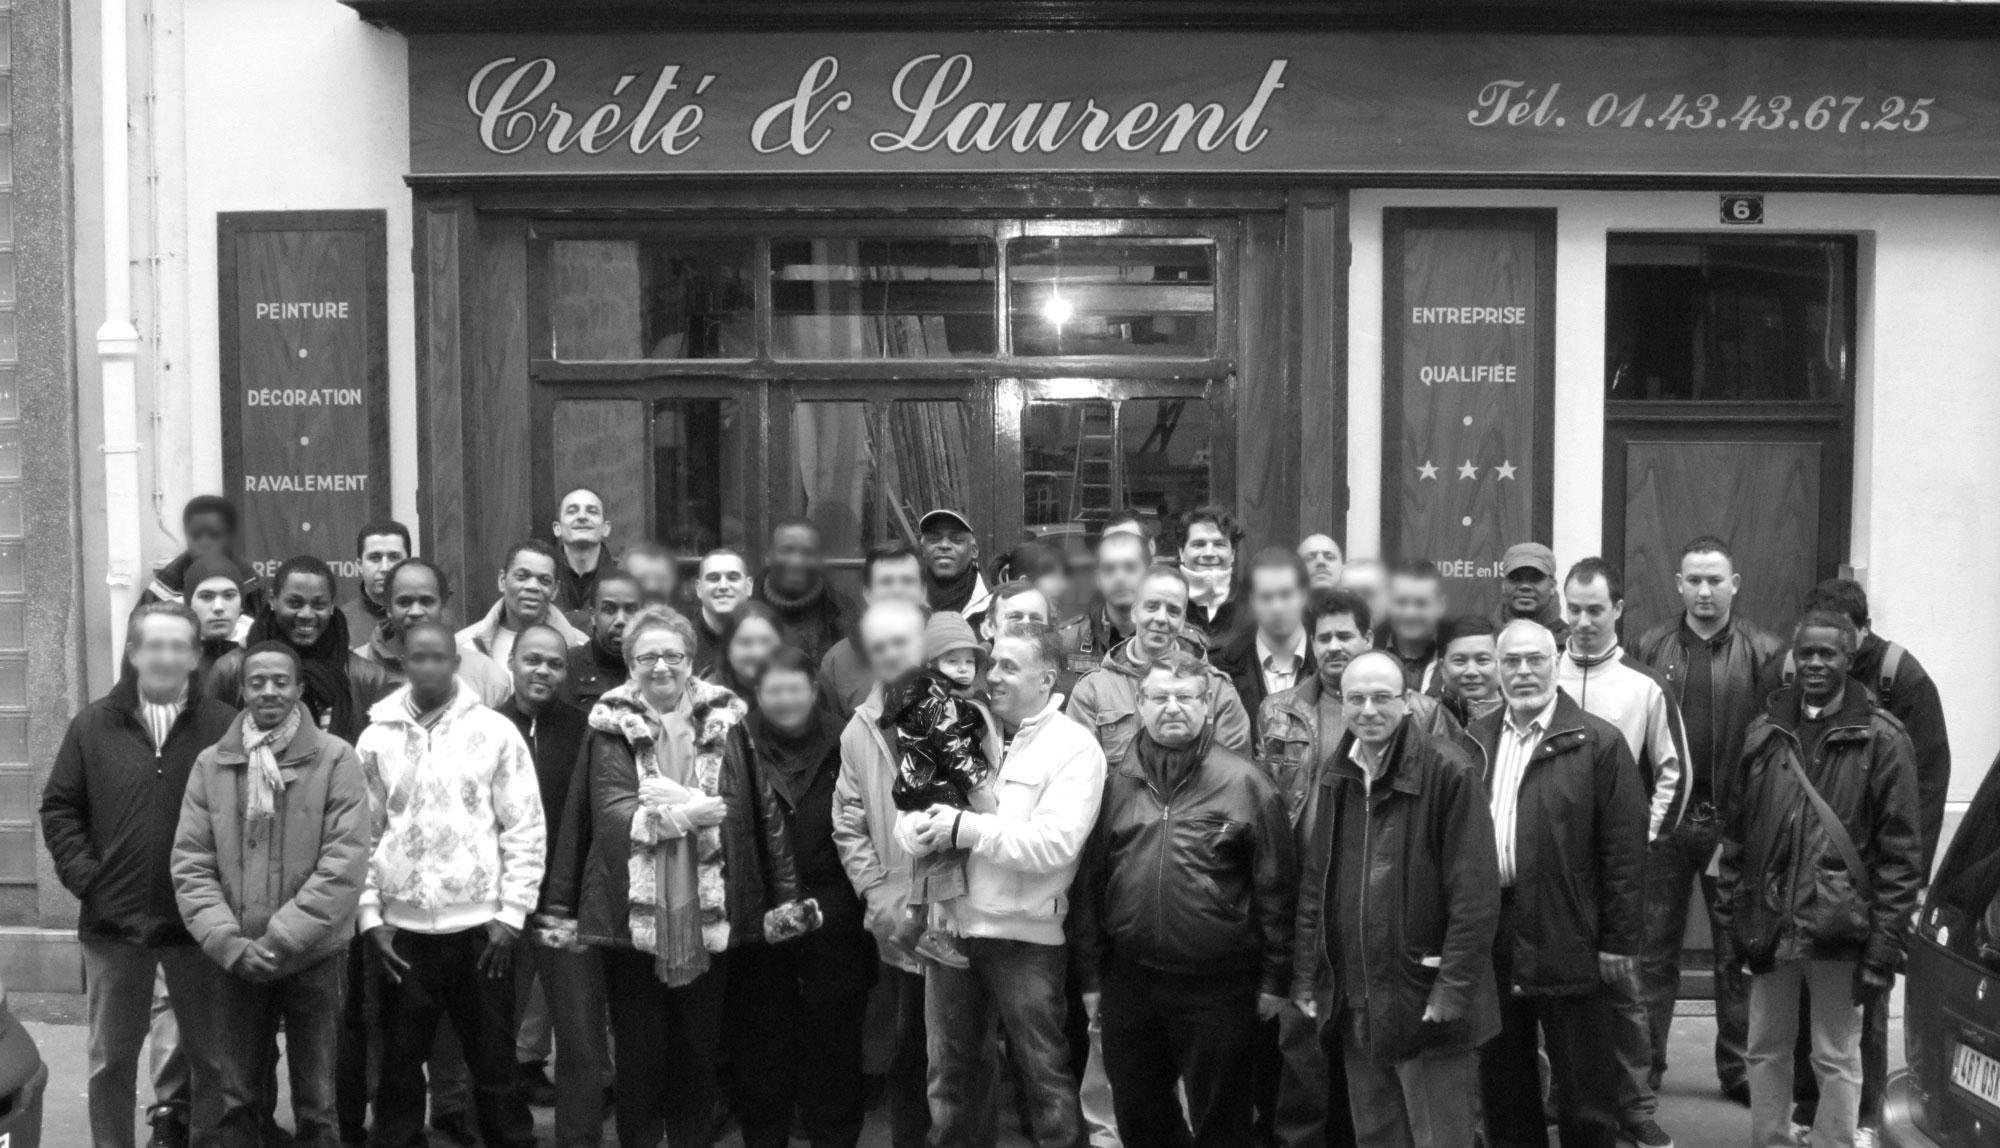 L'équipe Crété & Laurent